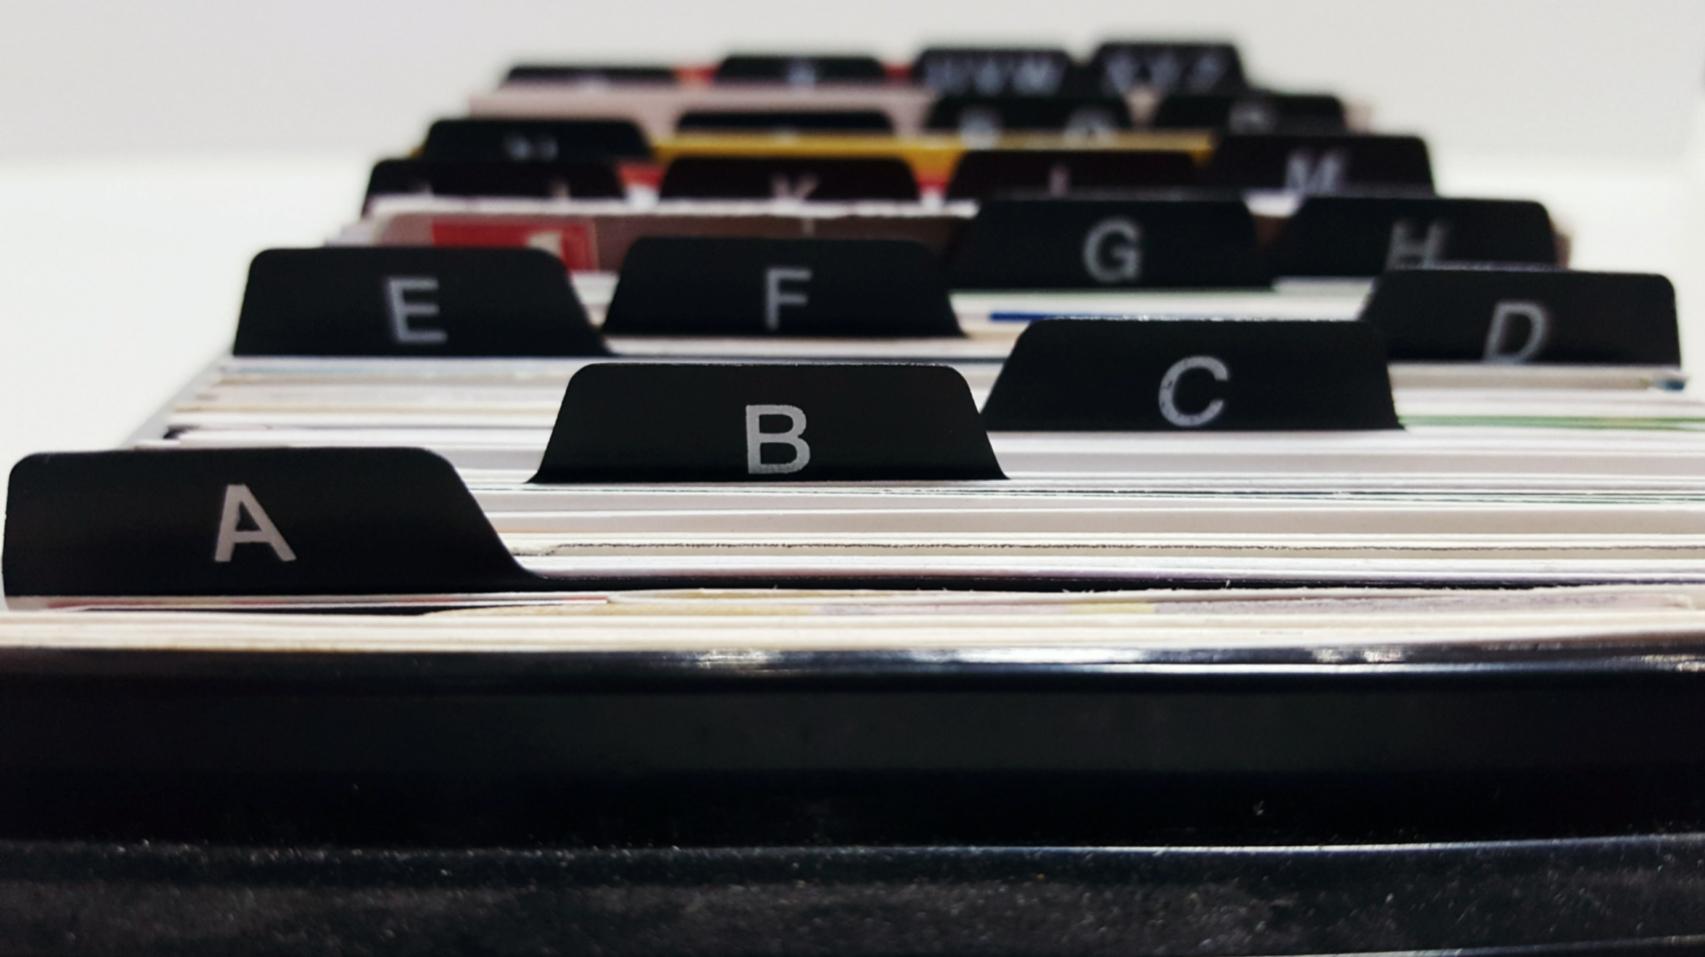 Bilag er basen for din bogføring